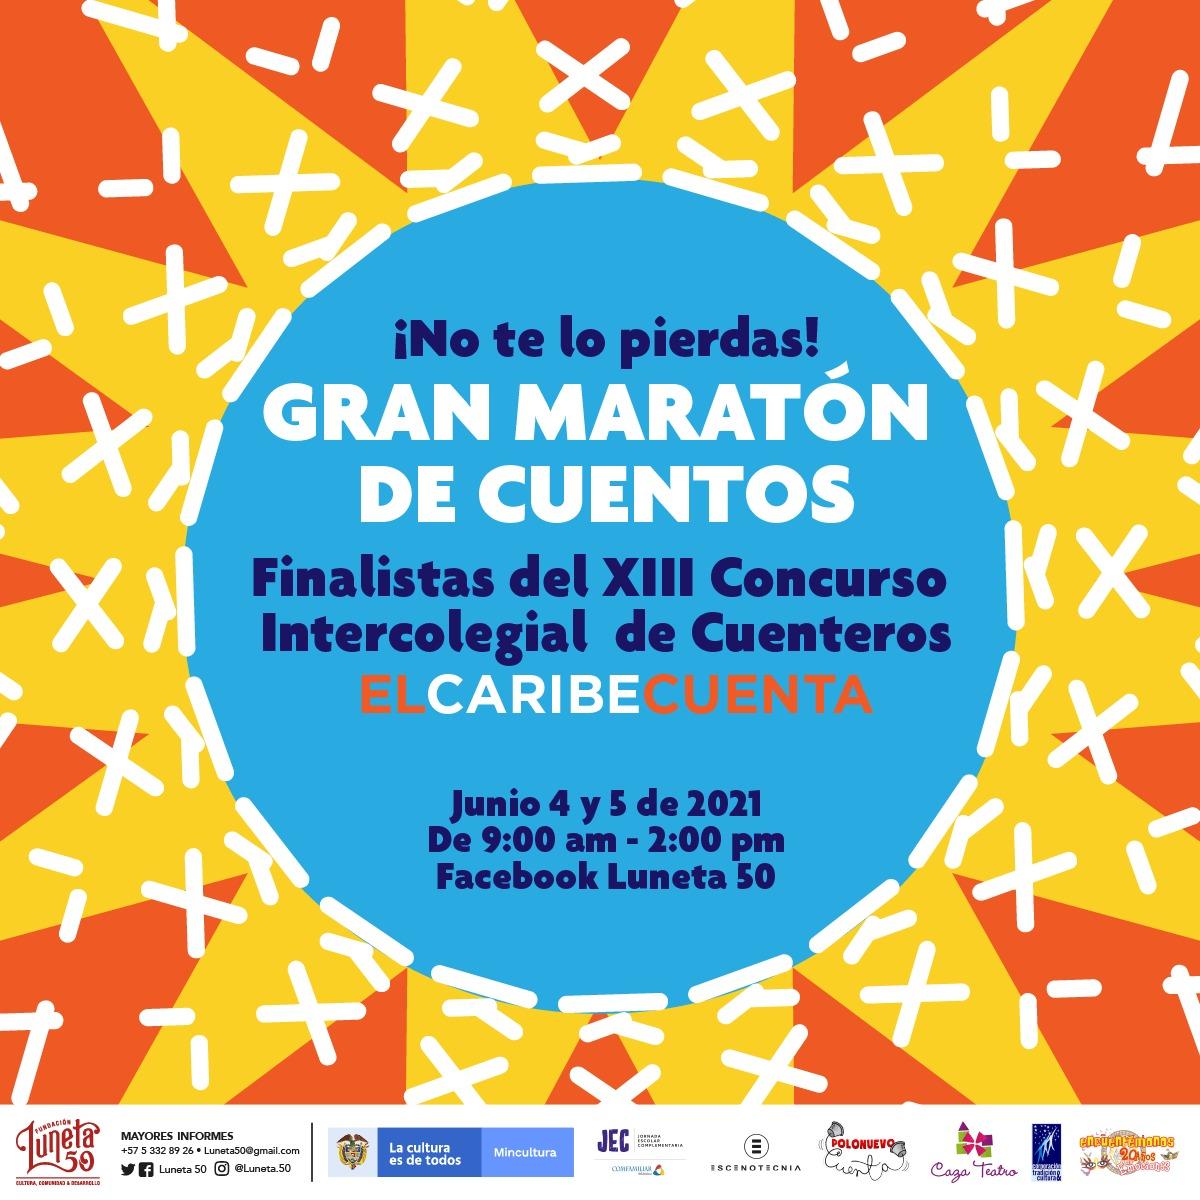 """Este fin de semana, a través de las redes sociales """"Maratón de Cuentos"""" y fallo del jurado del xiii concurso intercolegial de cuenteros"""